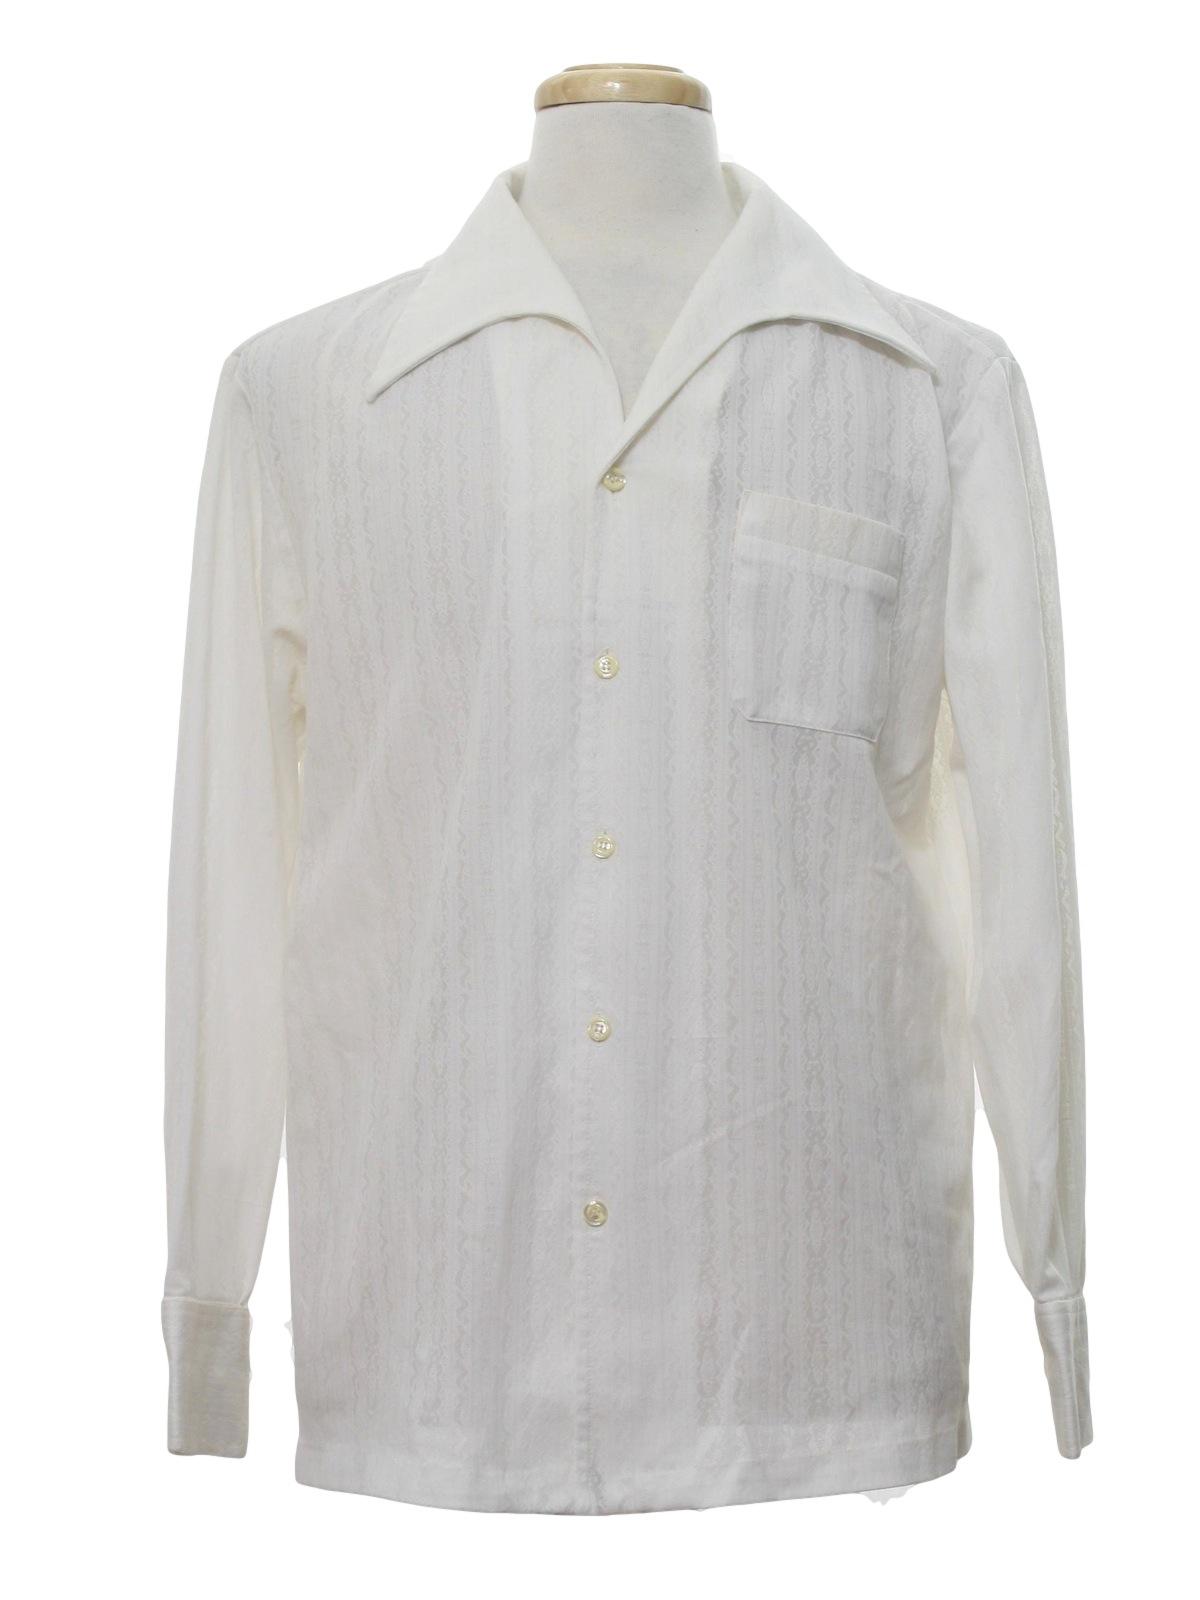 mr b seventies vintage disco shirt 70s mr b mens white background subtle vertical weaved. Black Bedroom Furniture Sets. Home Design Ideas